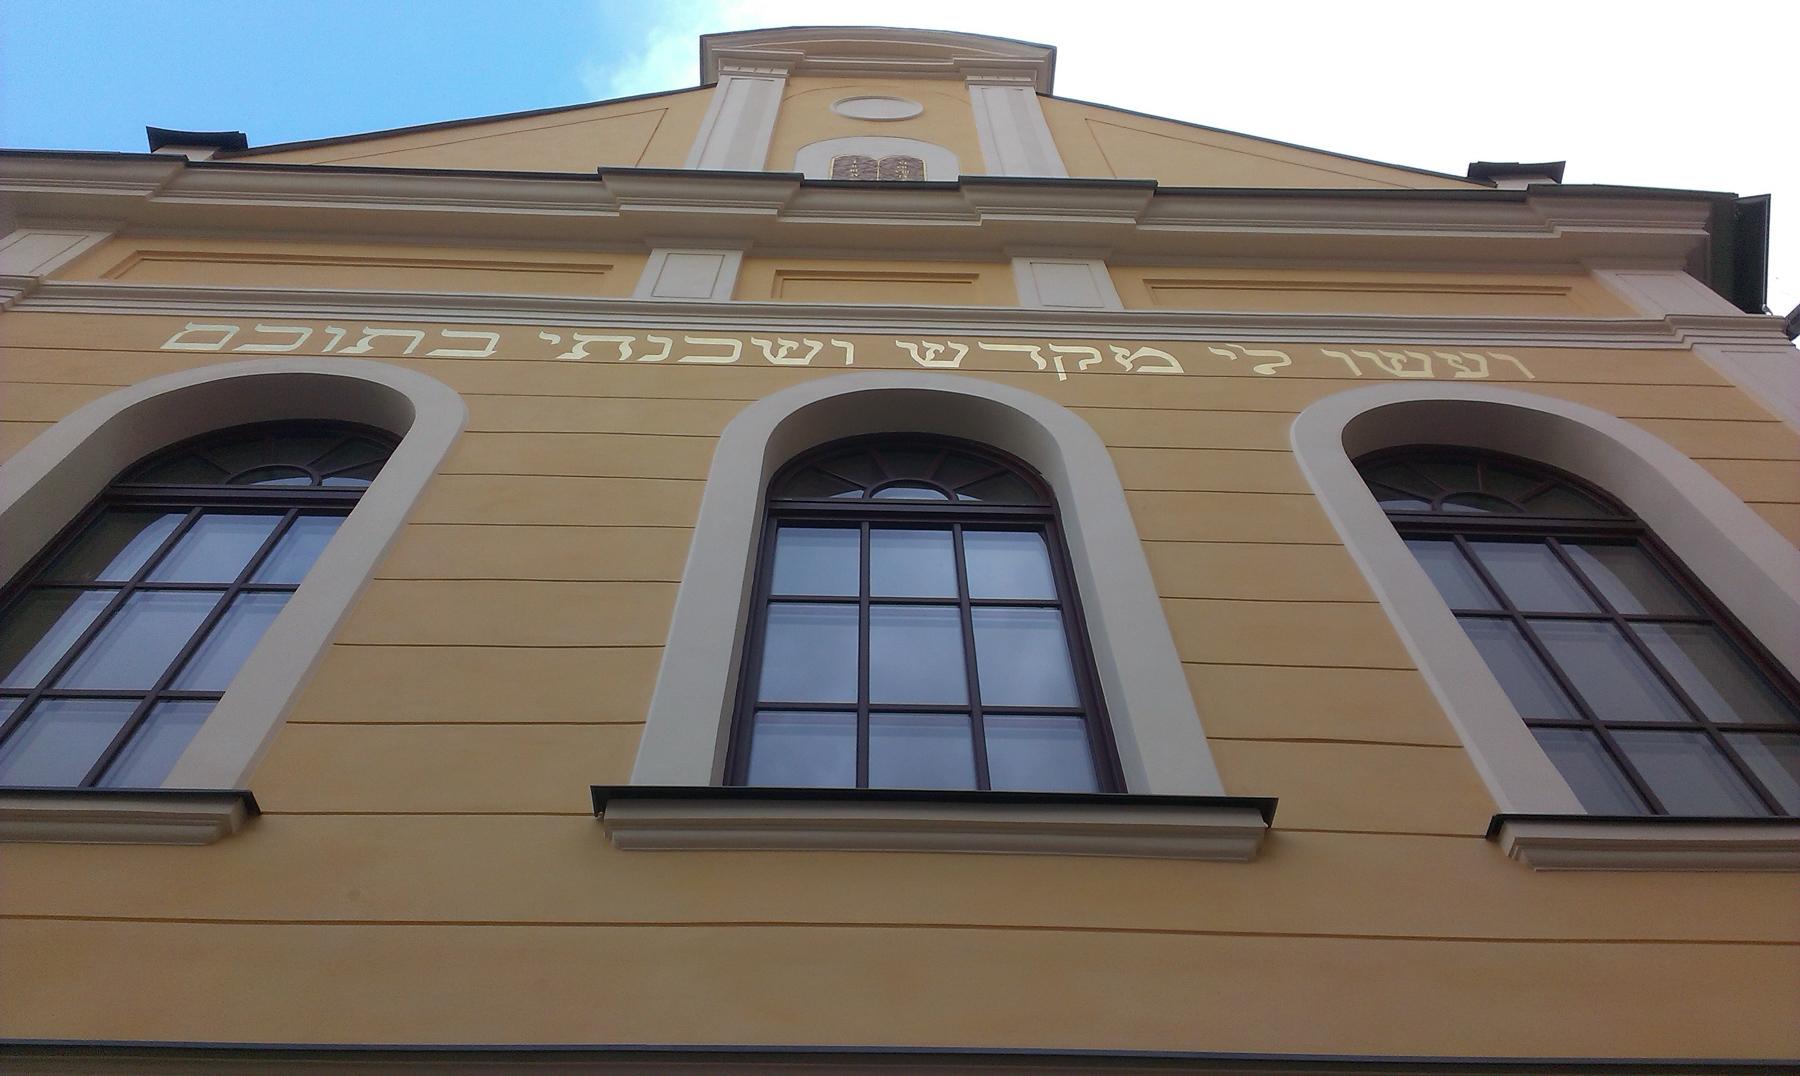 ARTISAN Reštaurovanie fasád Synagógy v Banskej Štiavnici